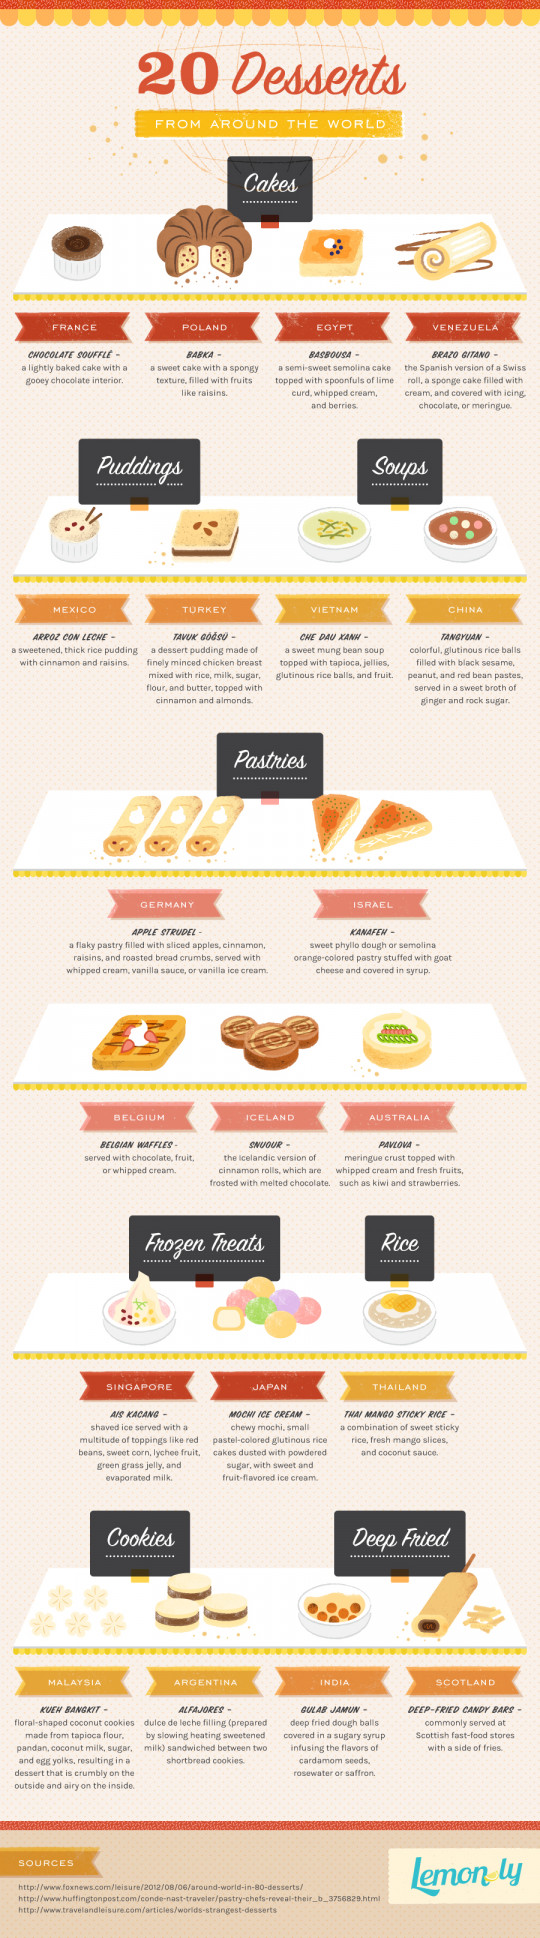 20 Desserts from Around the World